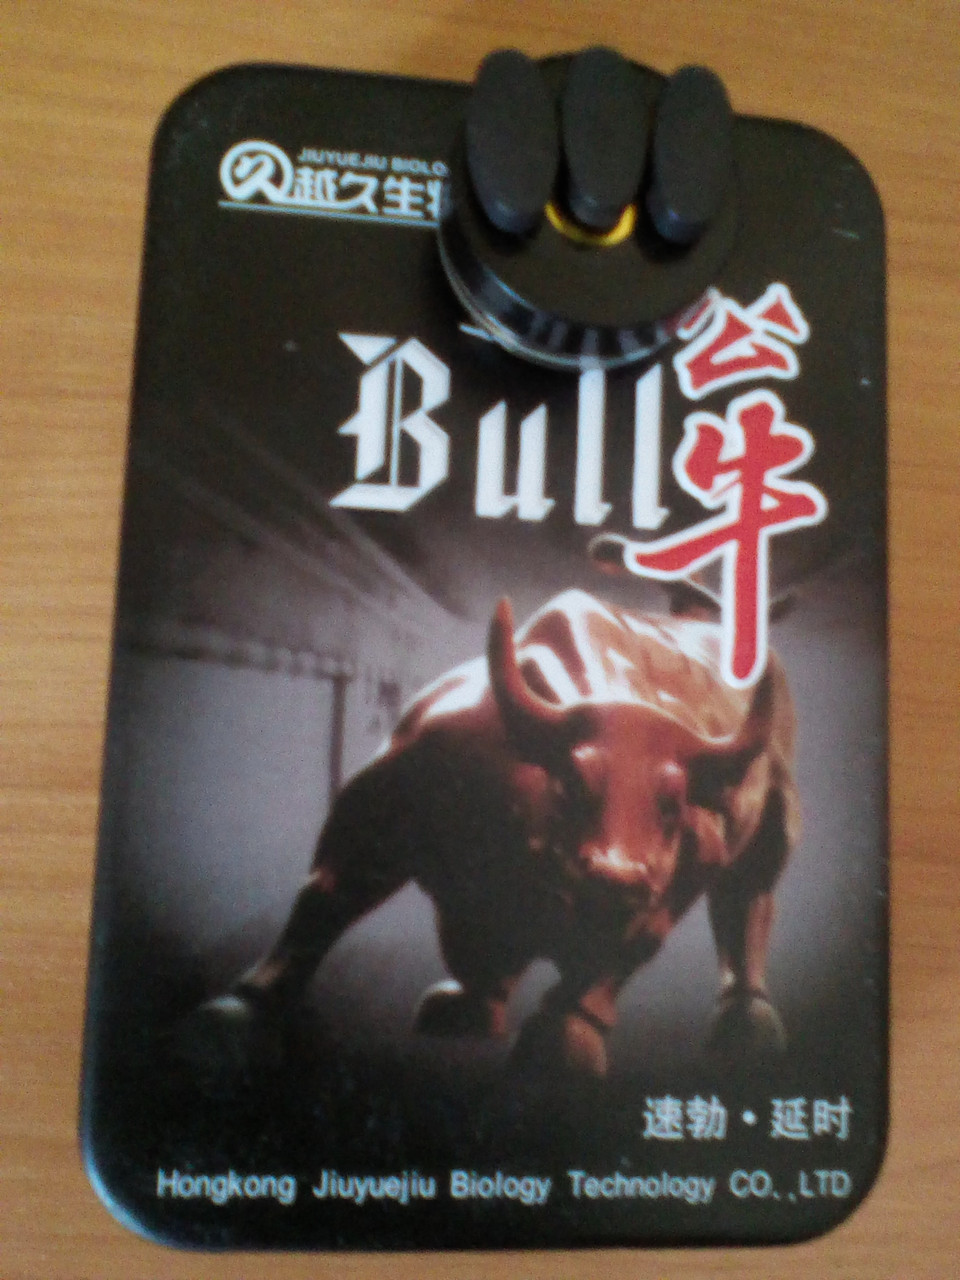 """Таблетки для потенции """"Bull' (Бык) - натуральный препарат для повышения потенции (3 таблетки)."""